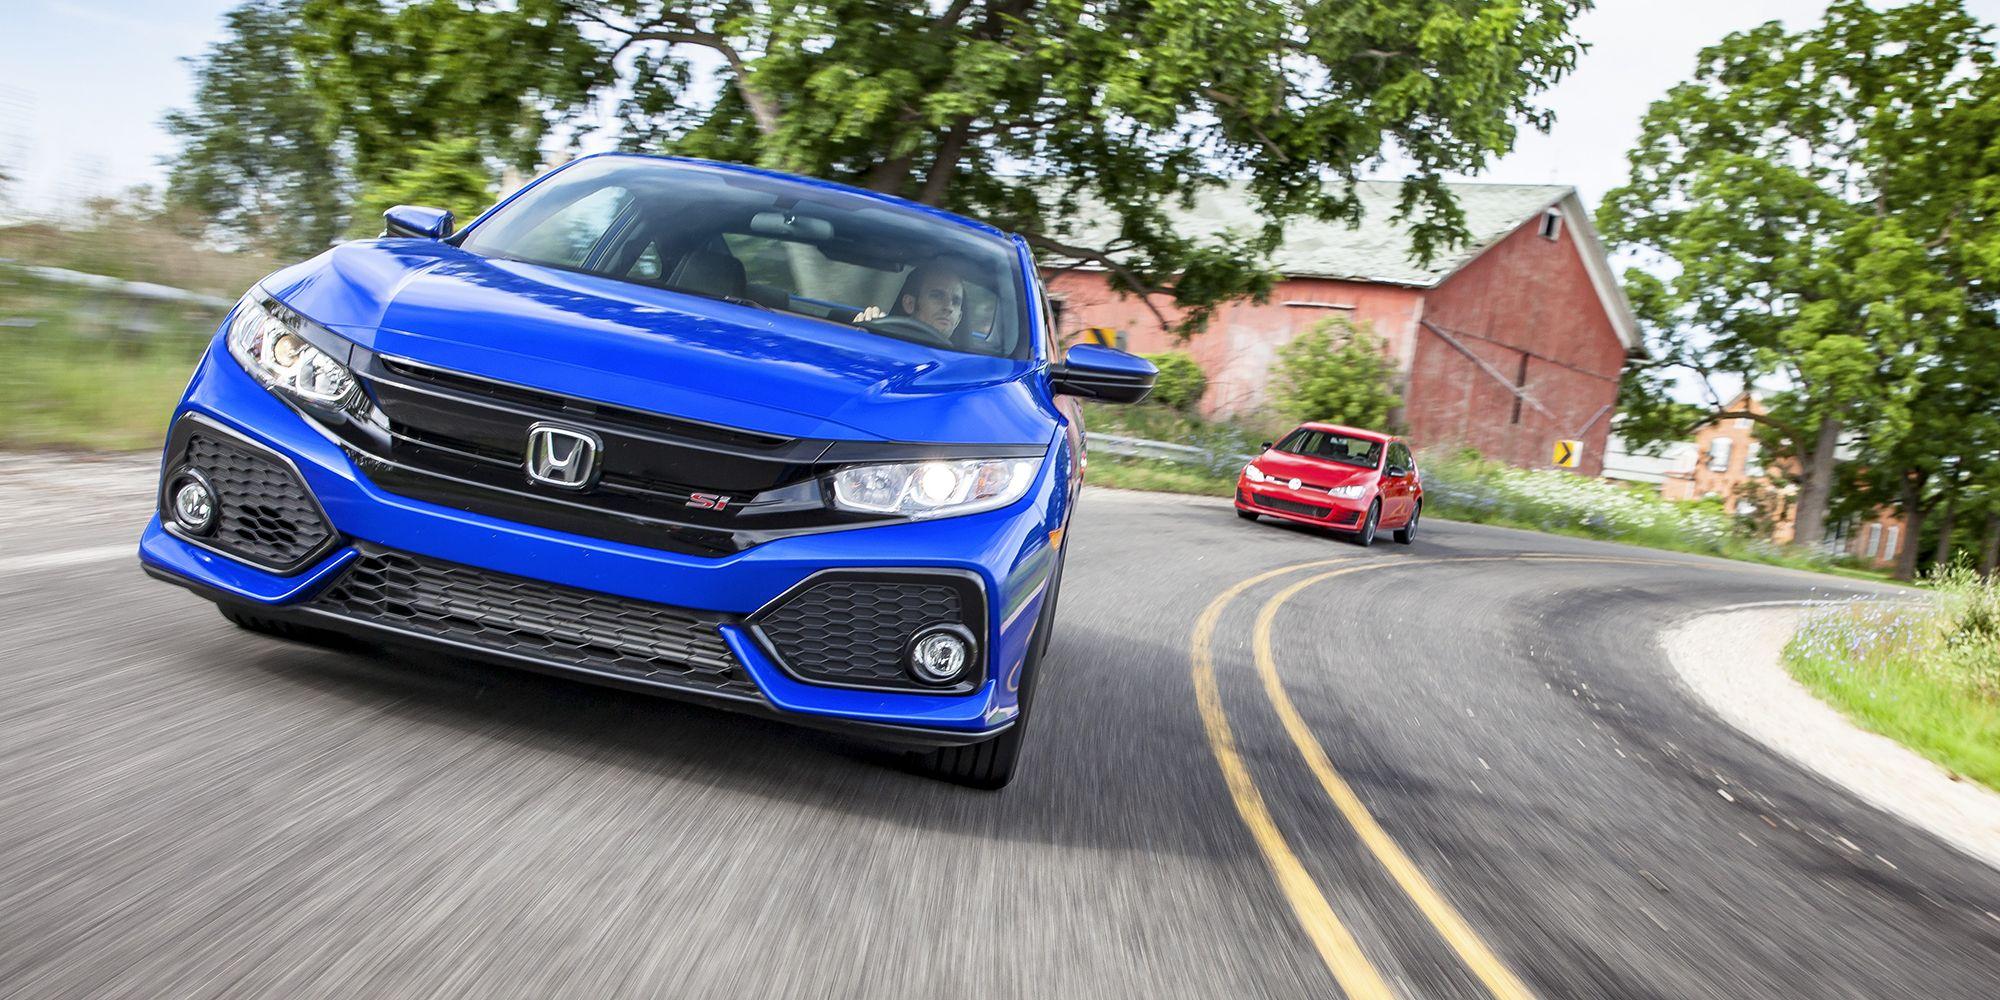 2017 Honda Civic Si Vs Volkswagen Golf Gti The Alchemists